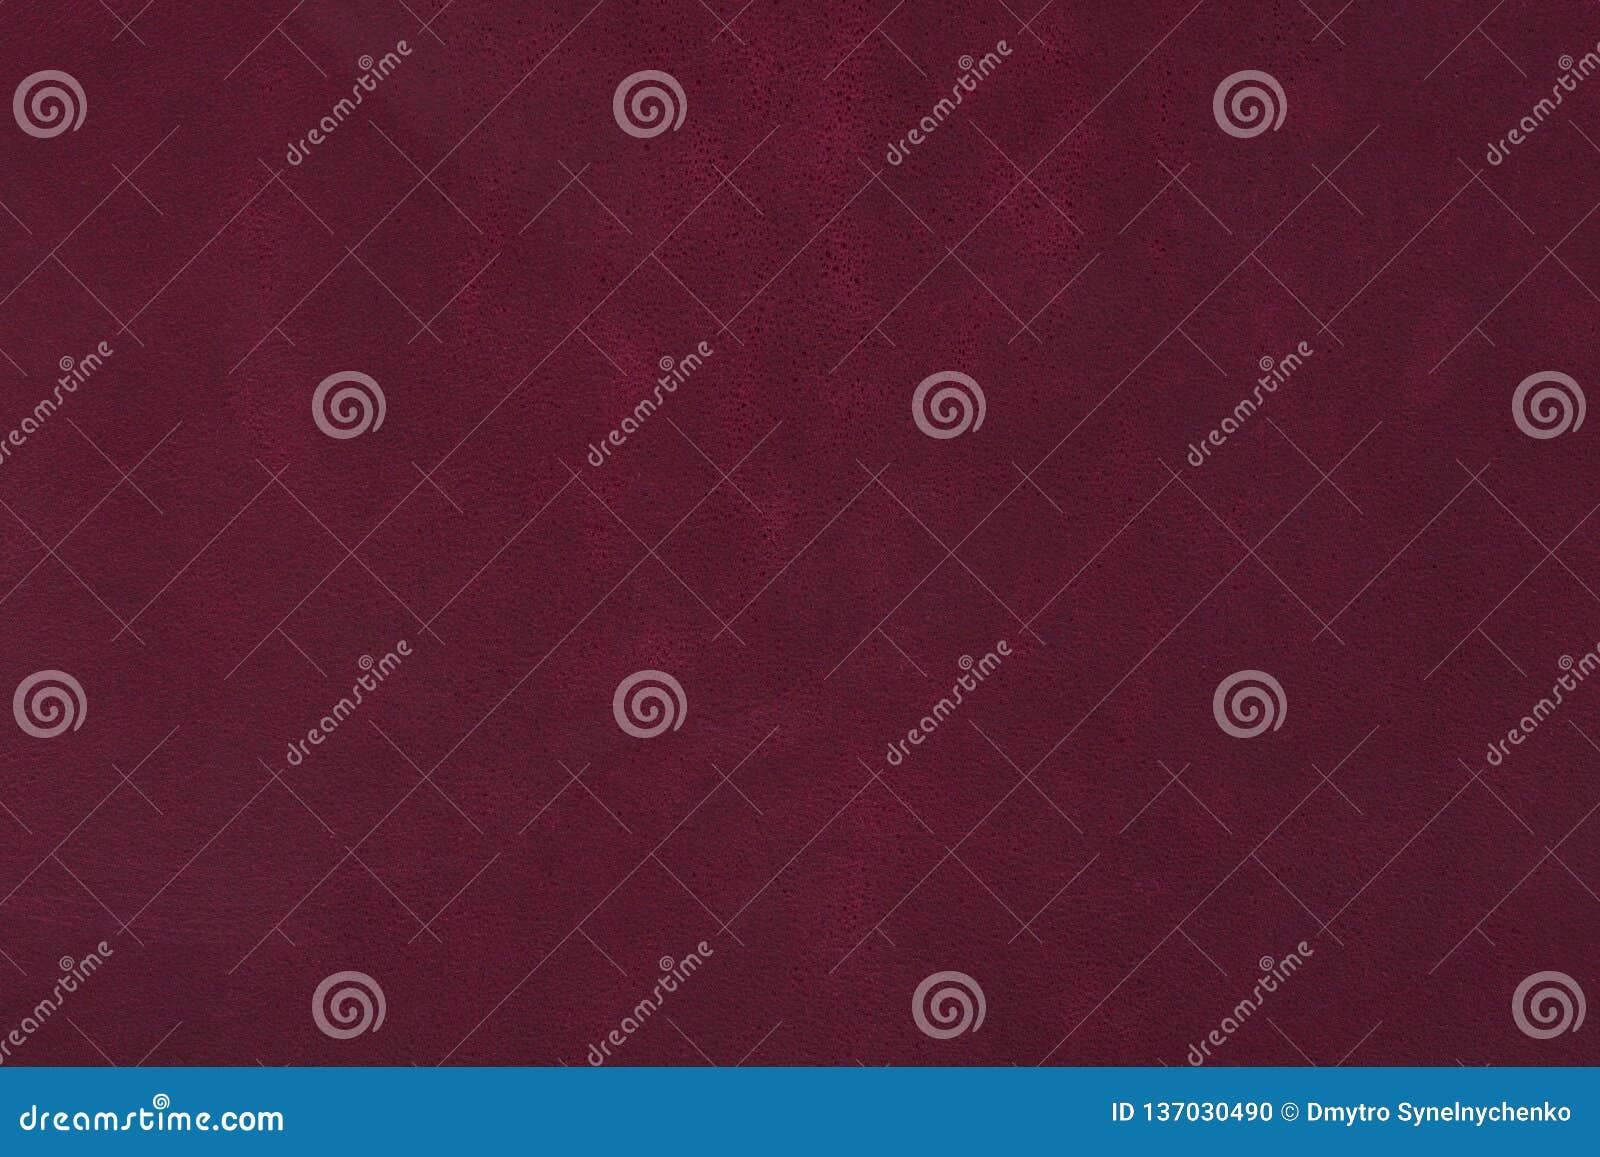 Fondo de textura de cuero de color nude arrugado de cerca